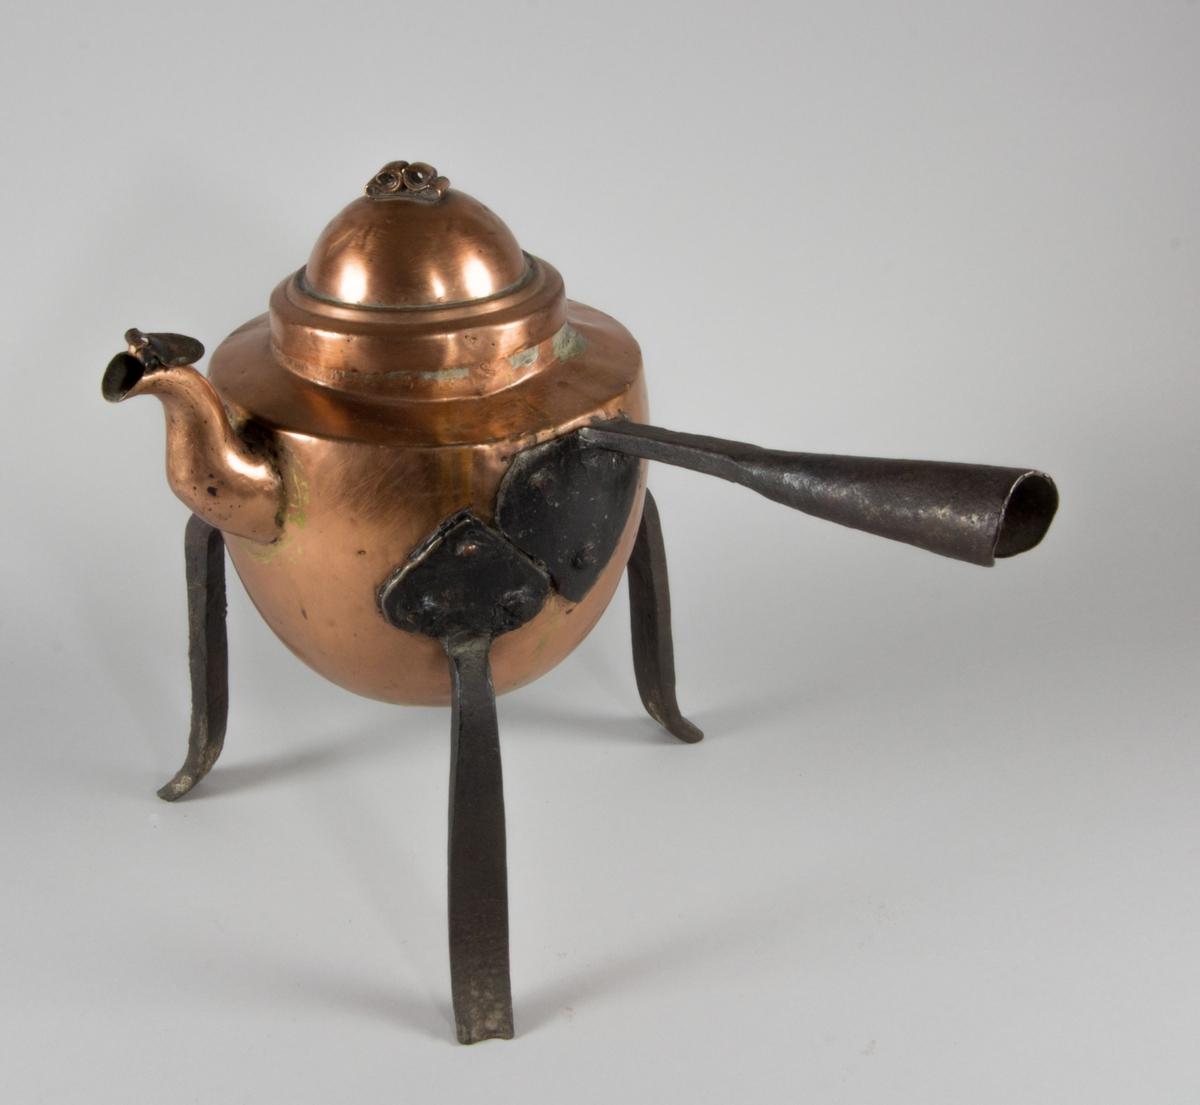 Kaffepanna tillverkad av koppar. Lock med fals som ligger inuti pannan, knopp av rullad plåtbit med runda ojämna kanter. Svängd pip med lövformat lock. Förtent insida. Handtag av järn, bockat för en förlängning av trä. Tre svagt svängda ben av järn med hjärtformade fästen nitade mot pannan.